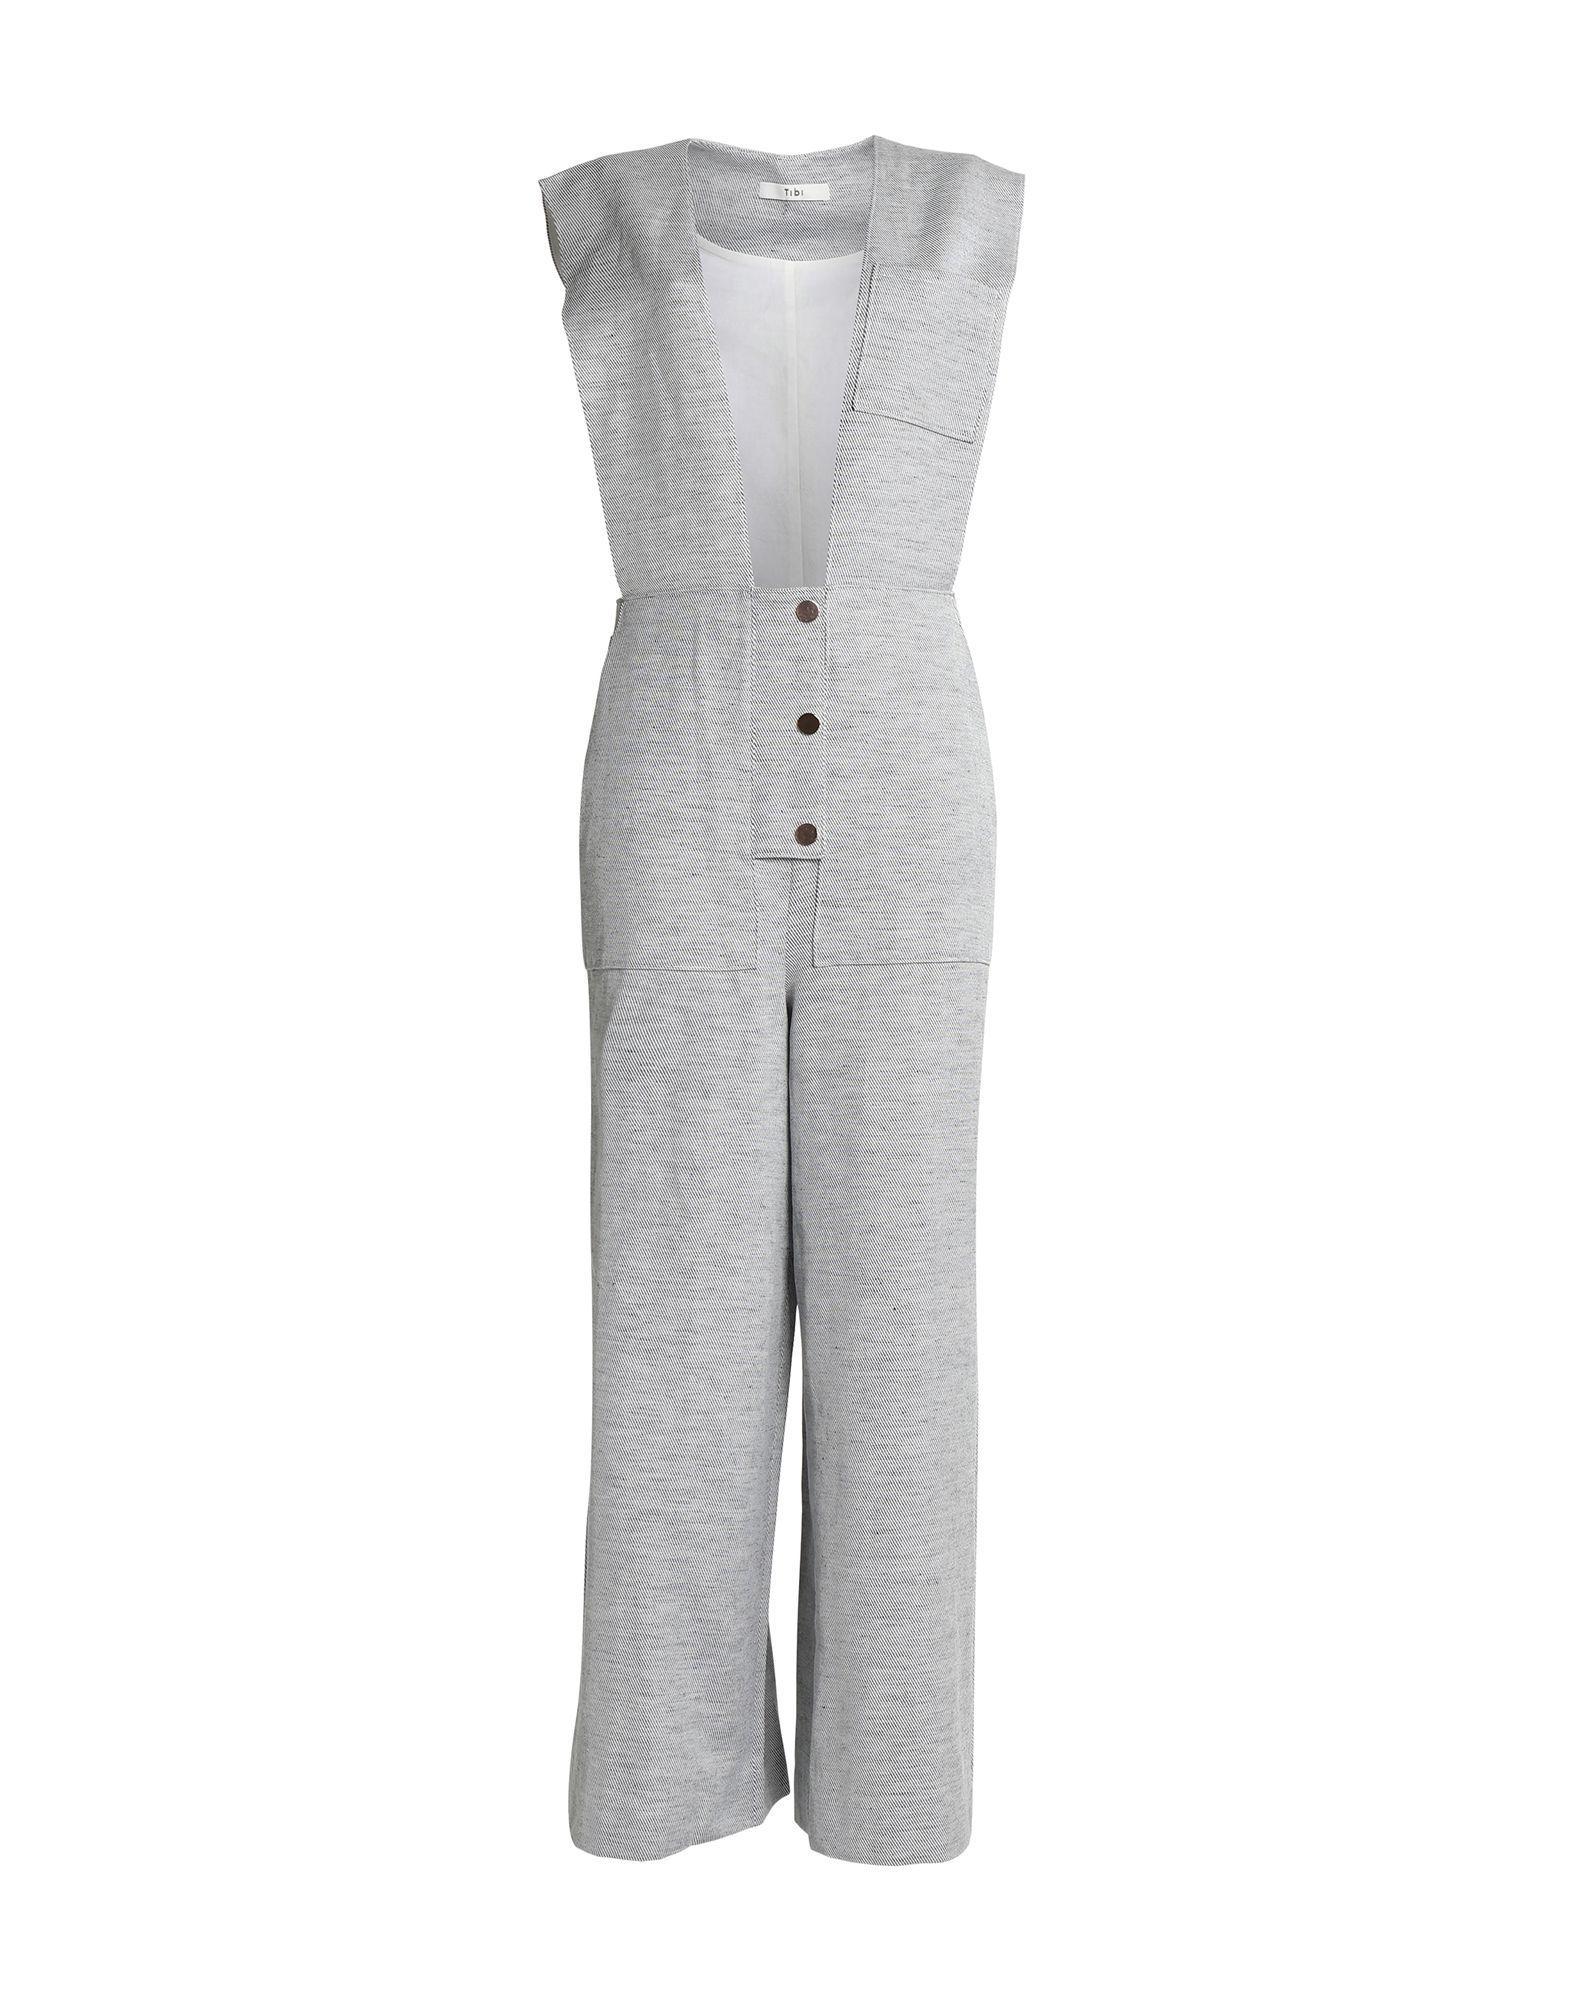 TOGIC Unique Floral Printed Jumpsuit Women Halter Sleeveless Wide Long Pants Jumpsuit White Navy Long Jumpsuit